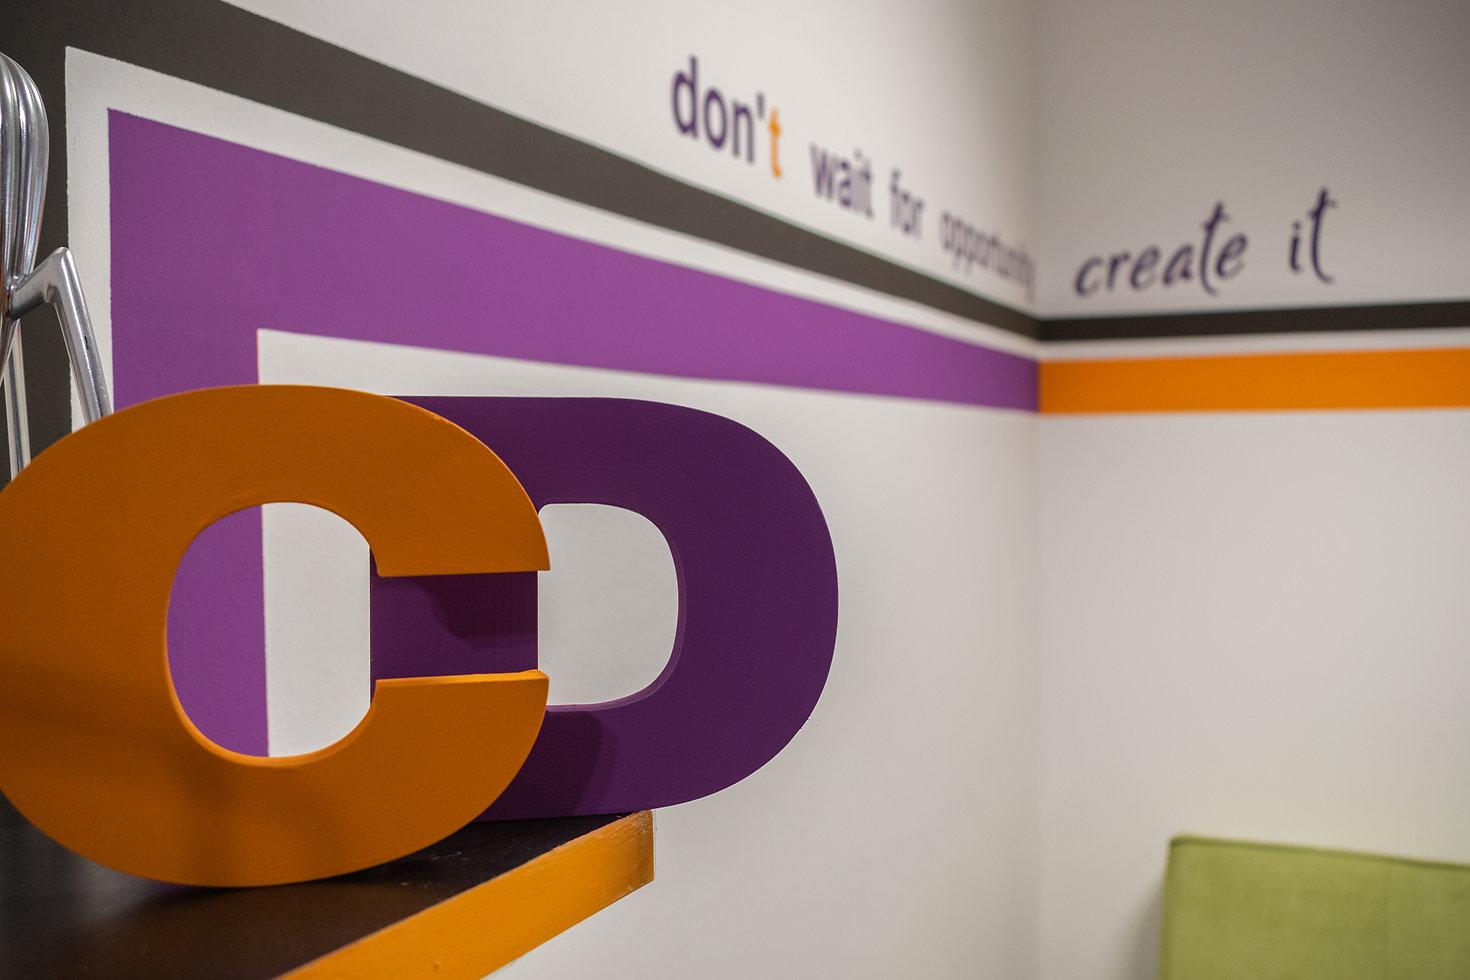 Design-6.jpg